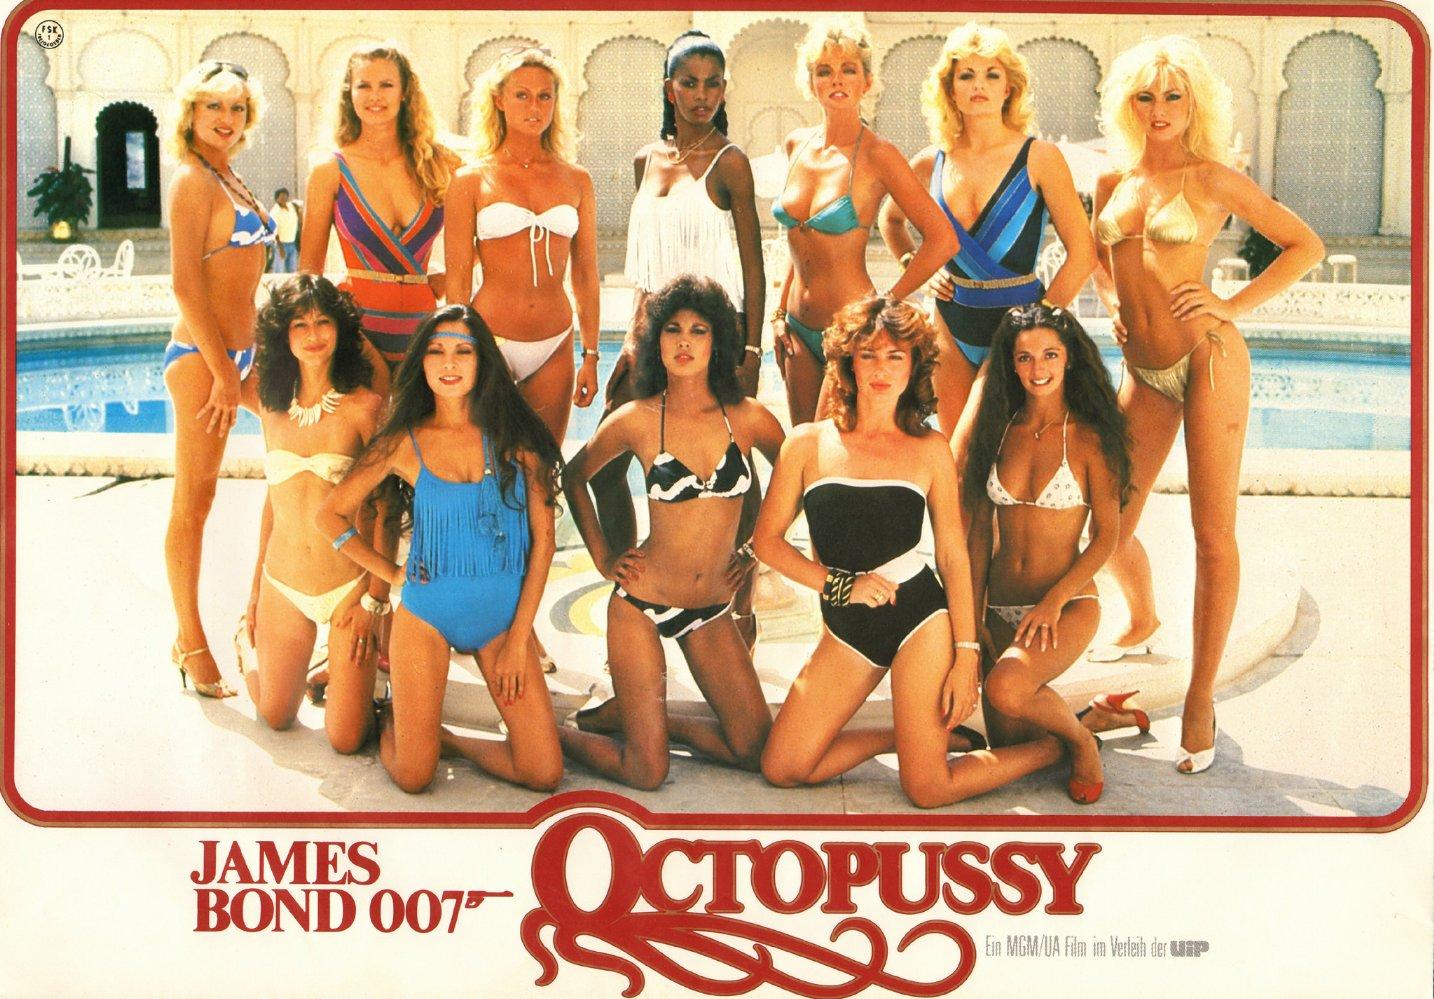 octopussy6.jpg